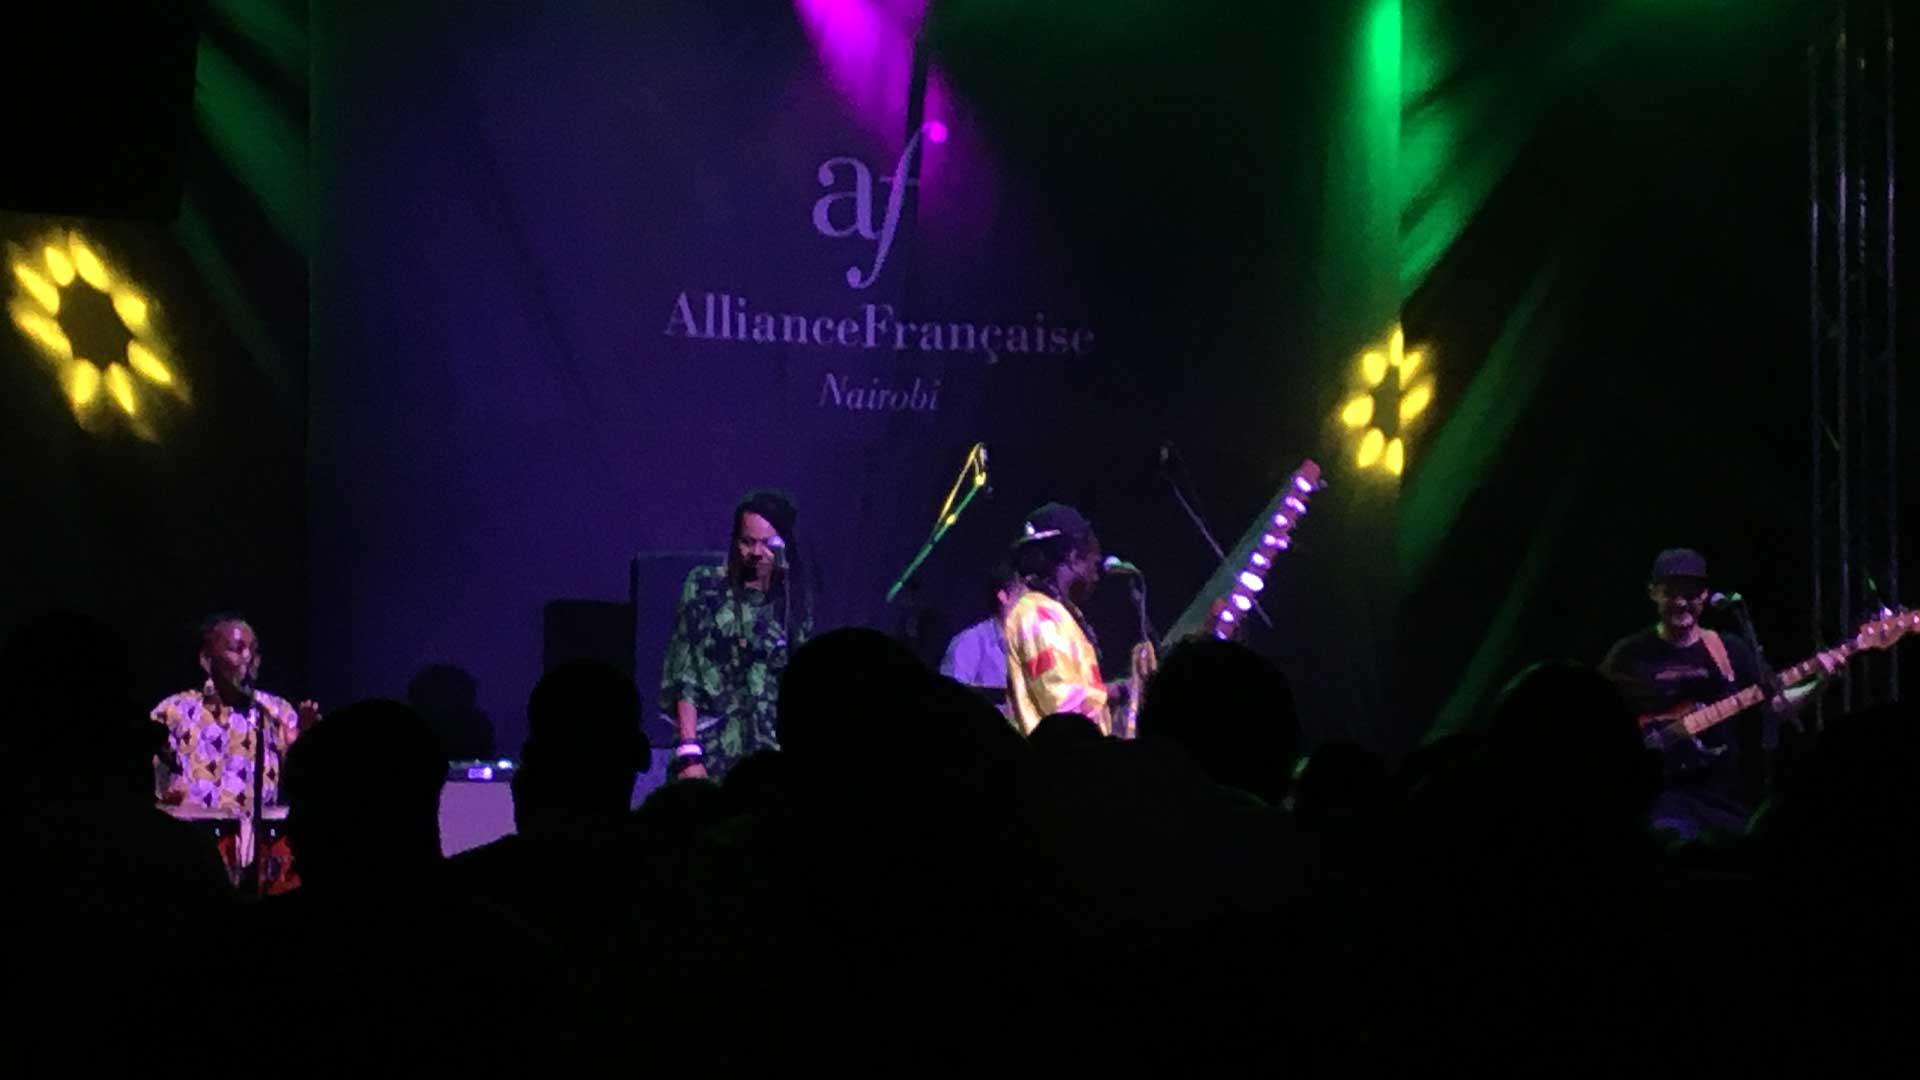 Thaïs-Diarra--Noumoucounda-at-Alliance-Francaise